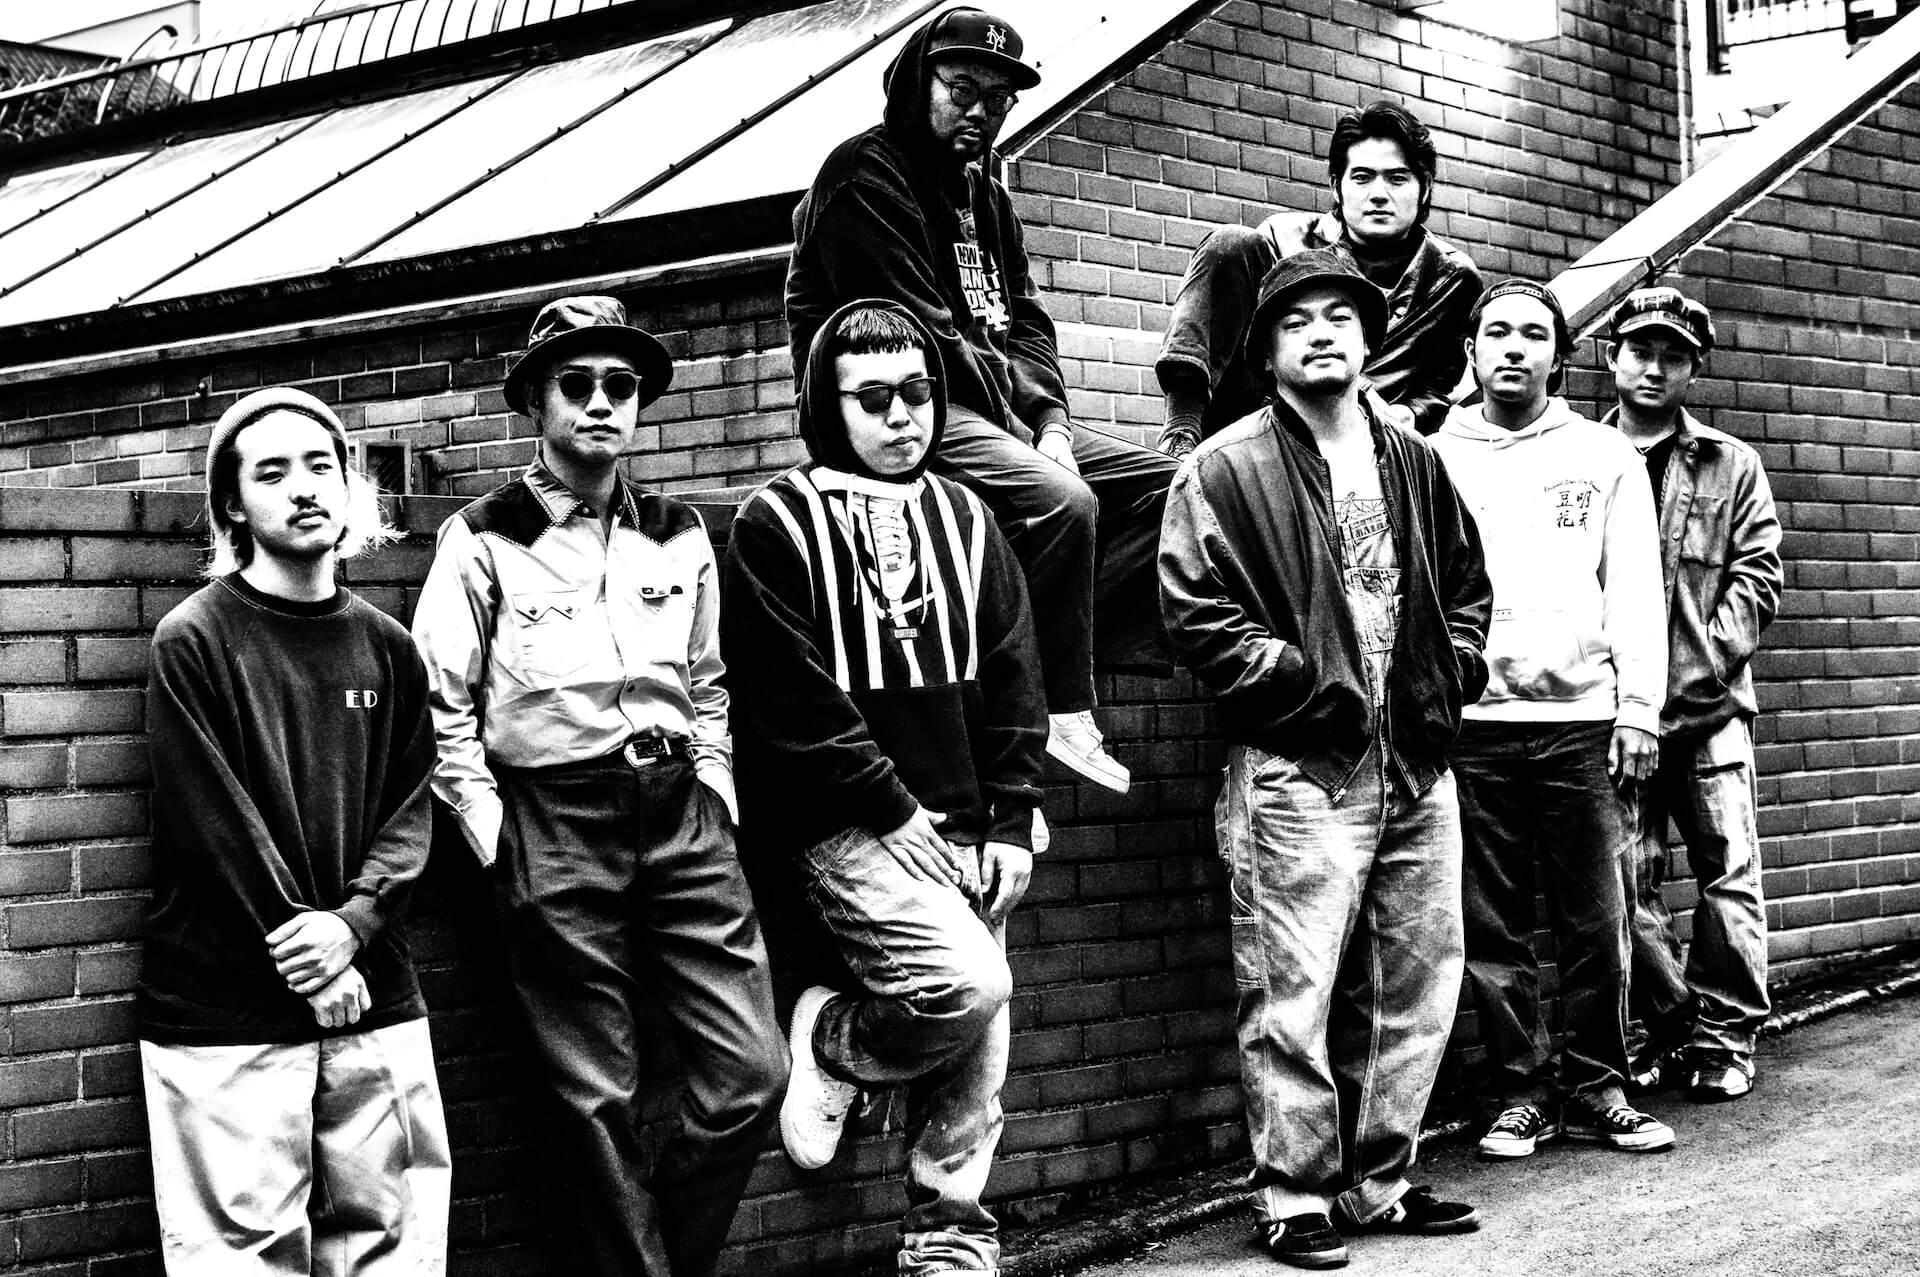 さらなる高みを目指すSANABAGUN.が4thアルバム『BALLADS』で求めた変化 interview-sanabagun-13